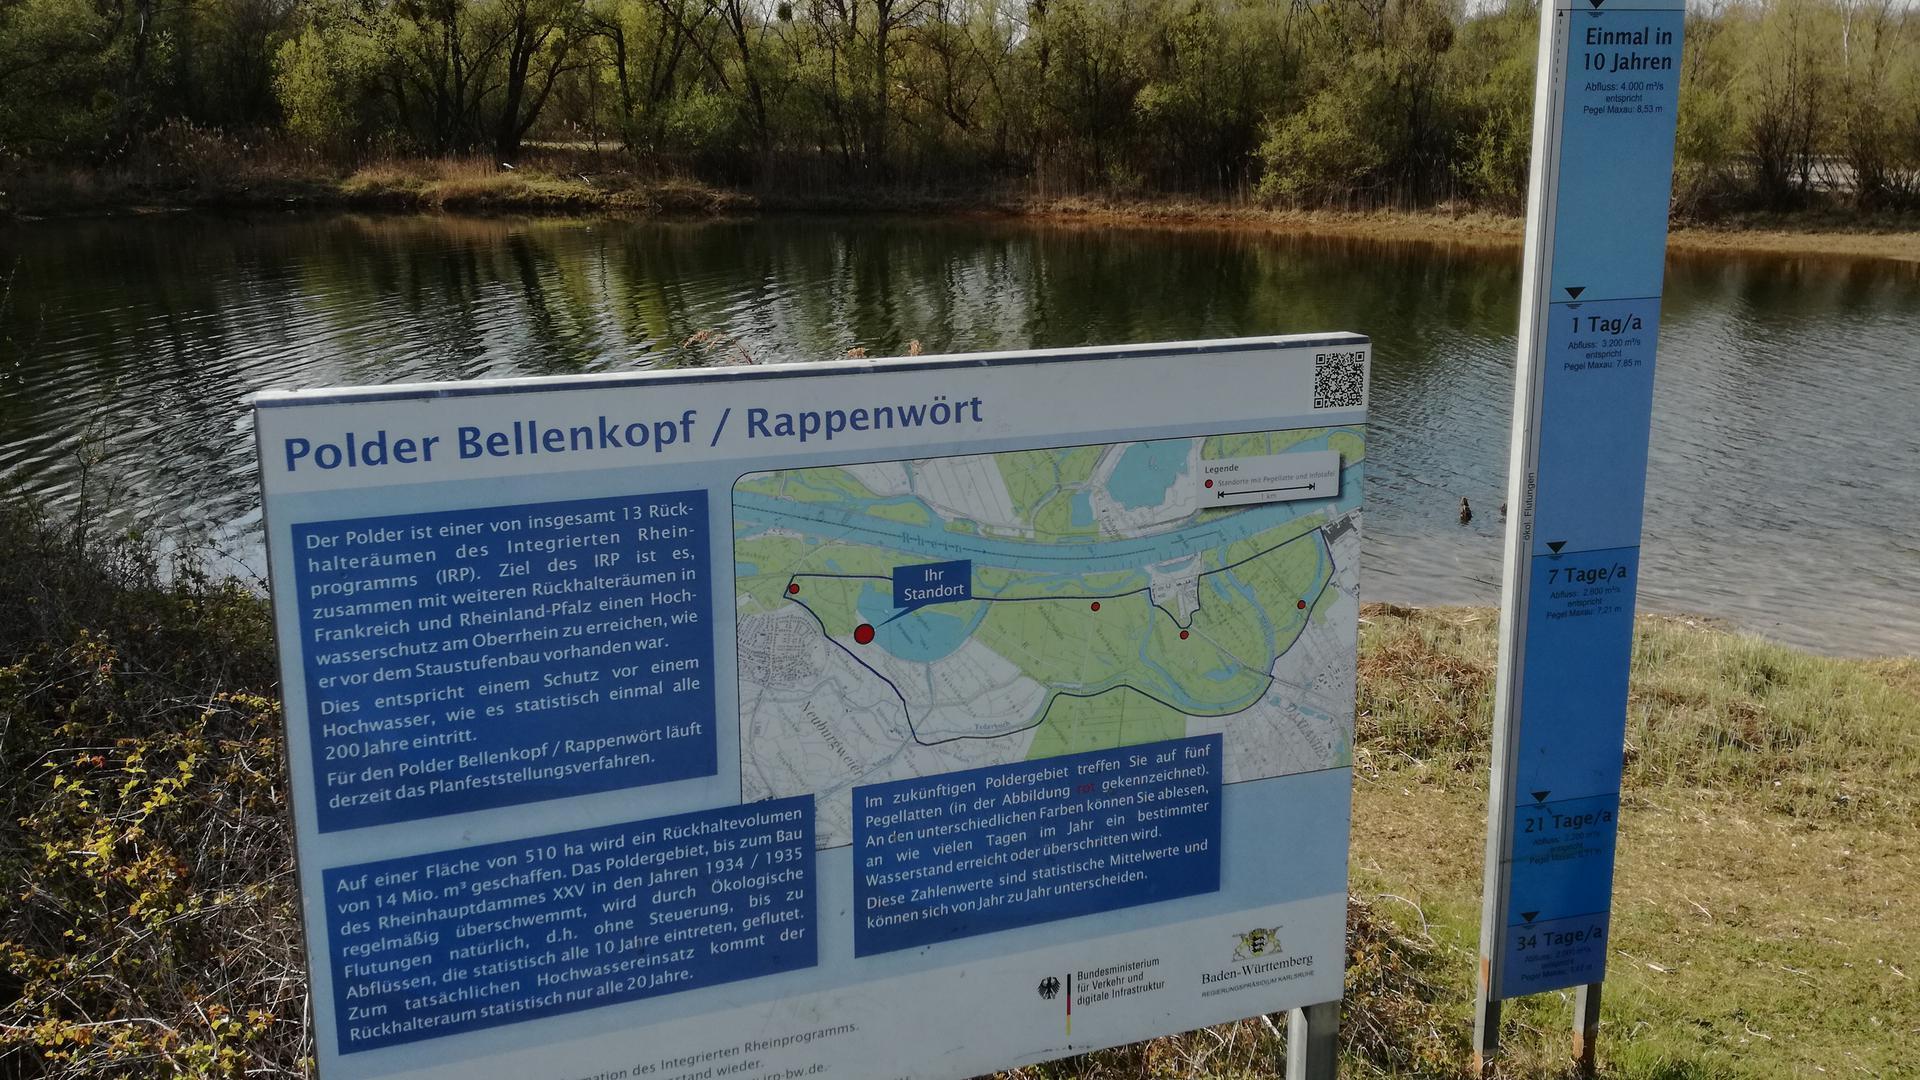 Ein Schild zum Polder Bellenkopf am Fermasee in Rheinstetten.